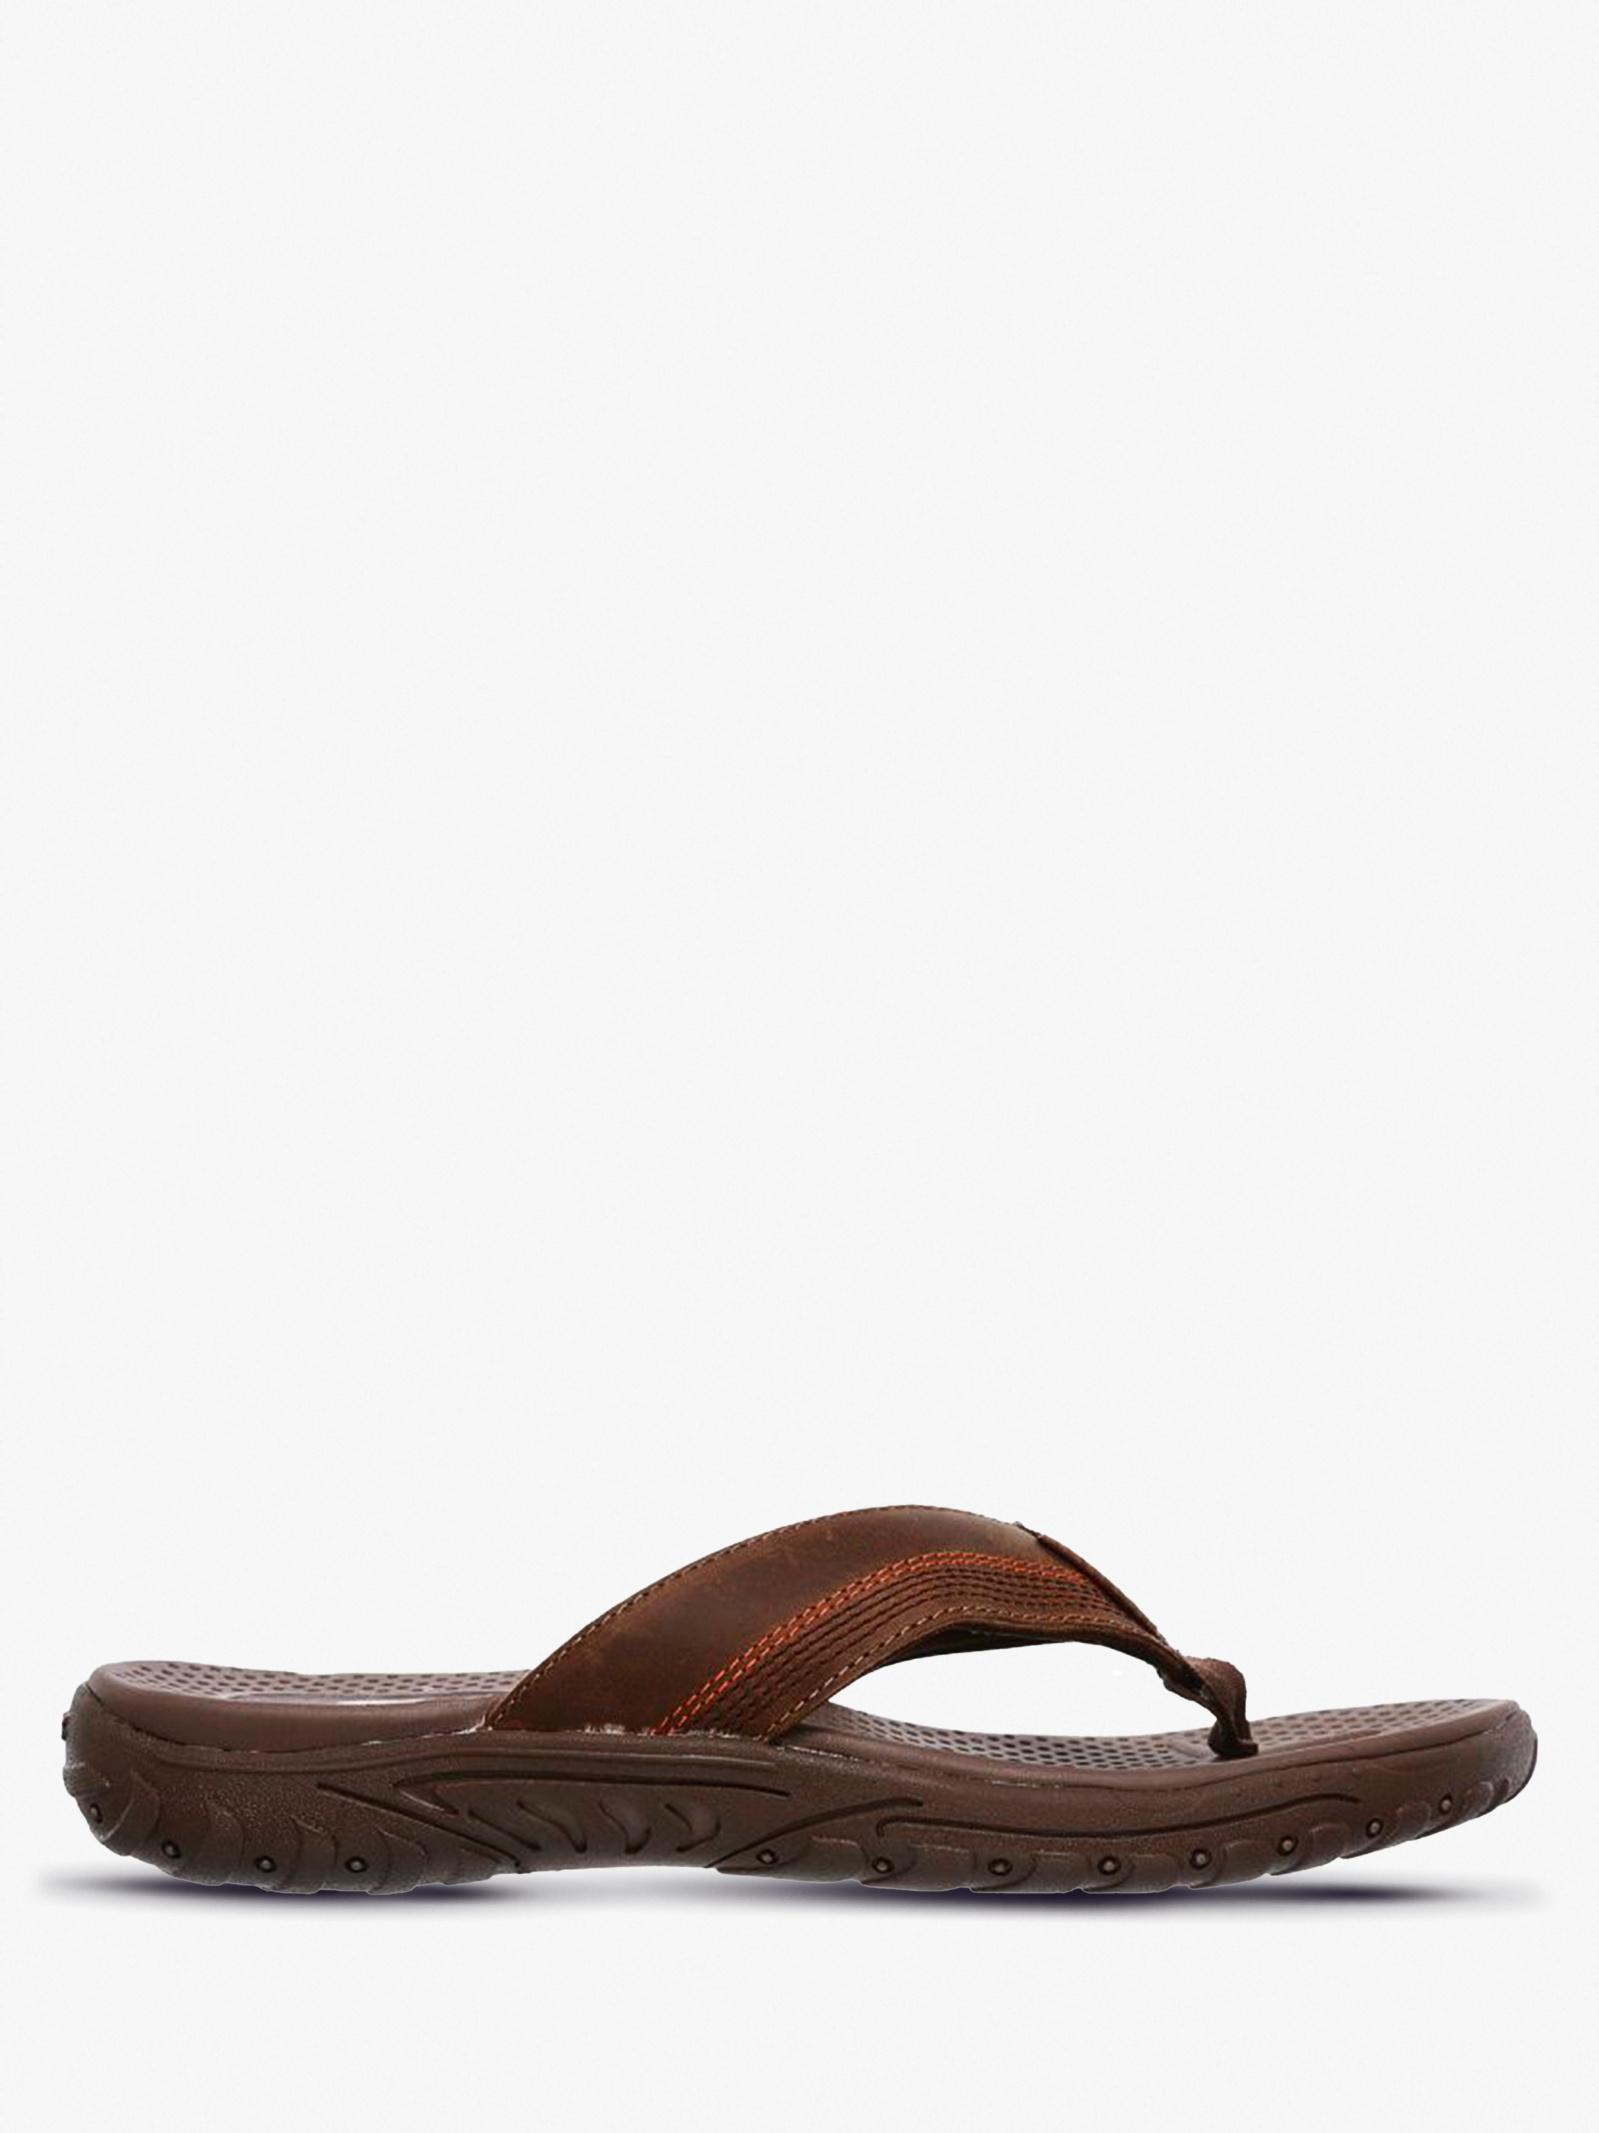 Шльопанці  для чоловіків Skechers 65460 BRN купити взуття, 2017